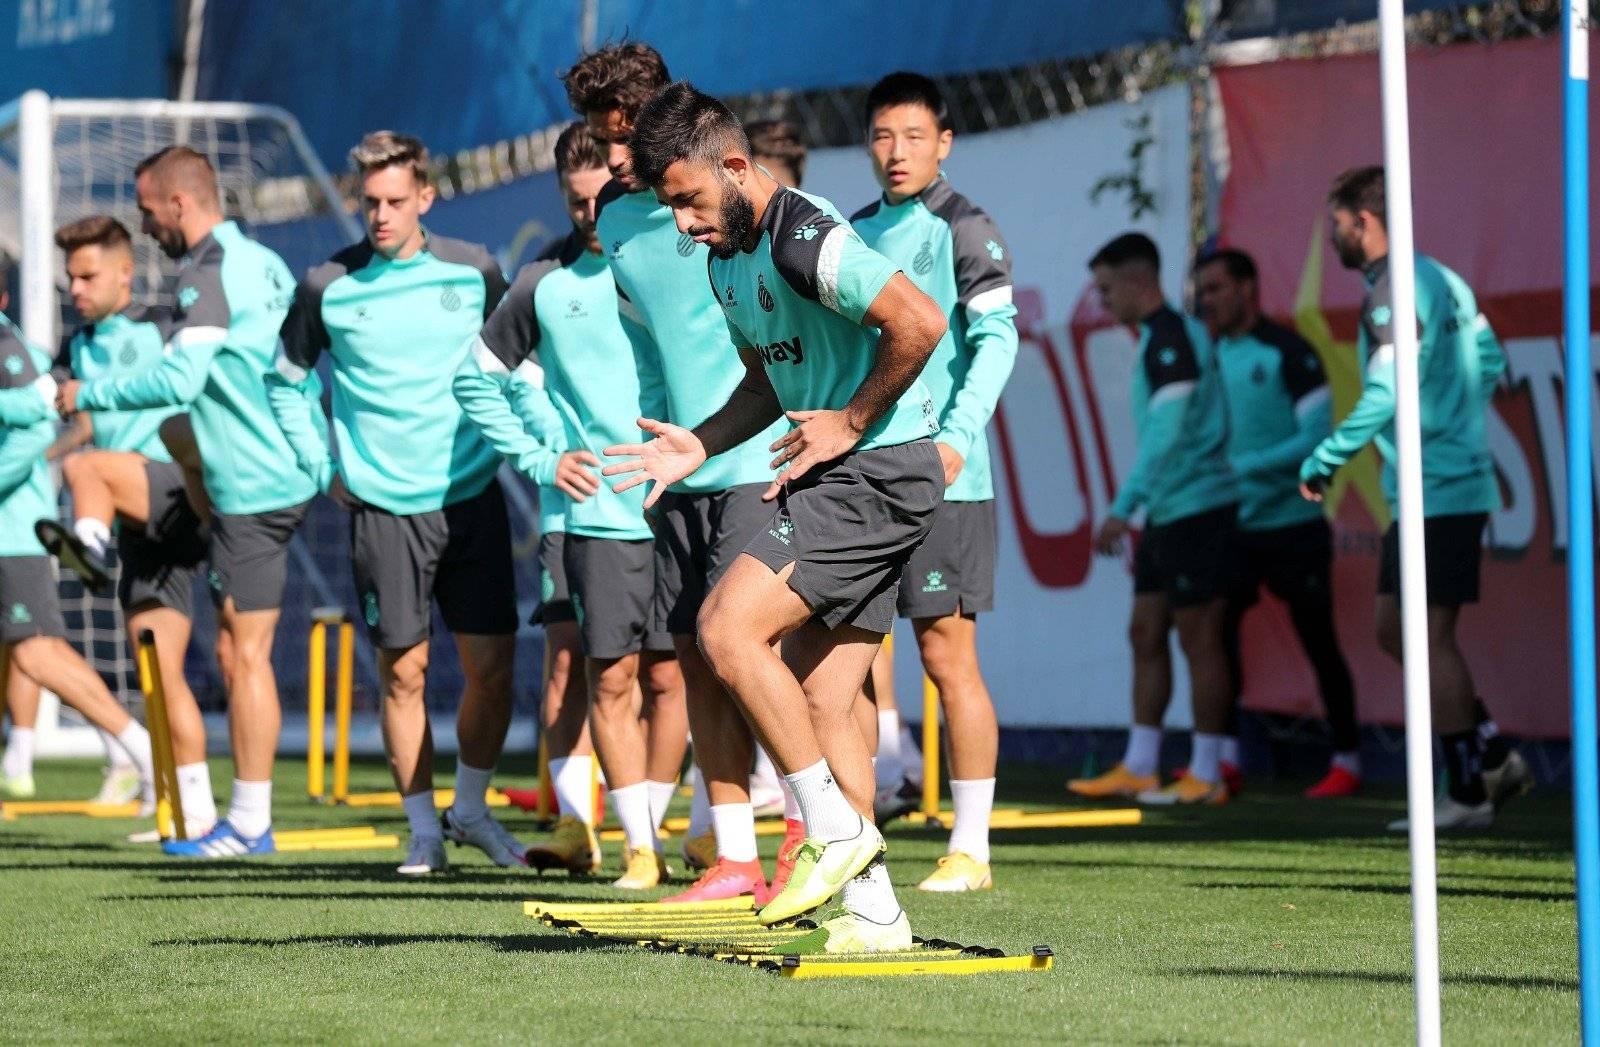 武磊领衔的西班牙人足球俱乐部球员积极训练备战接下来的西乙联赛